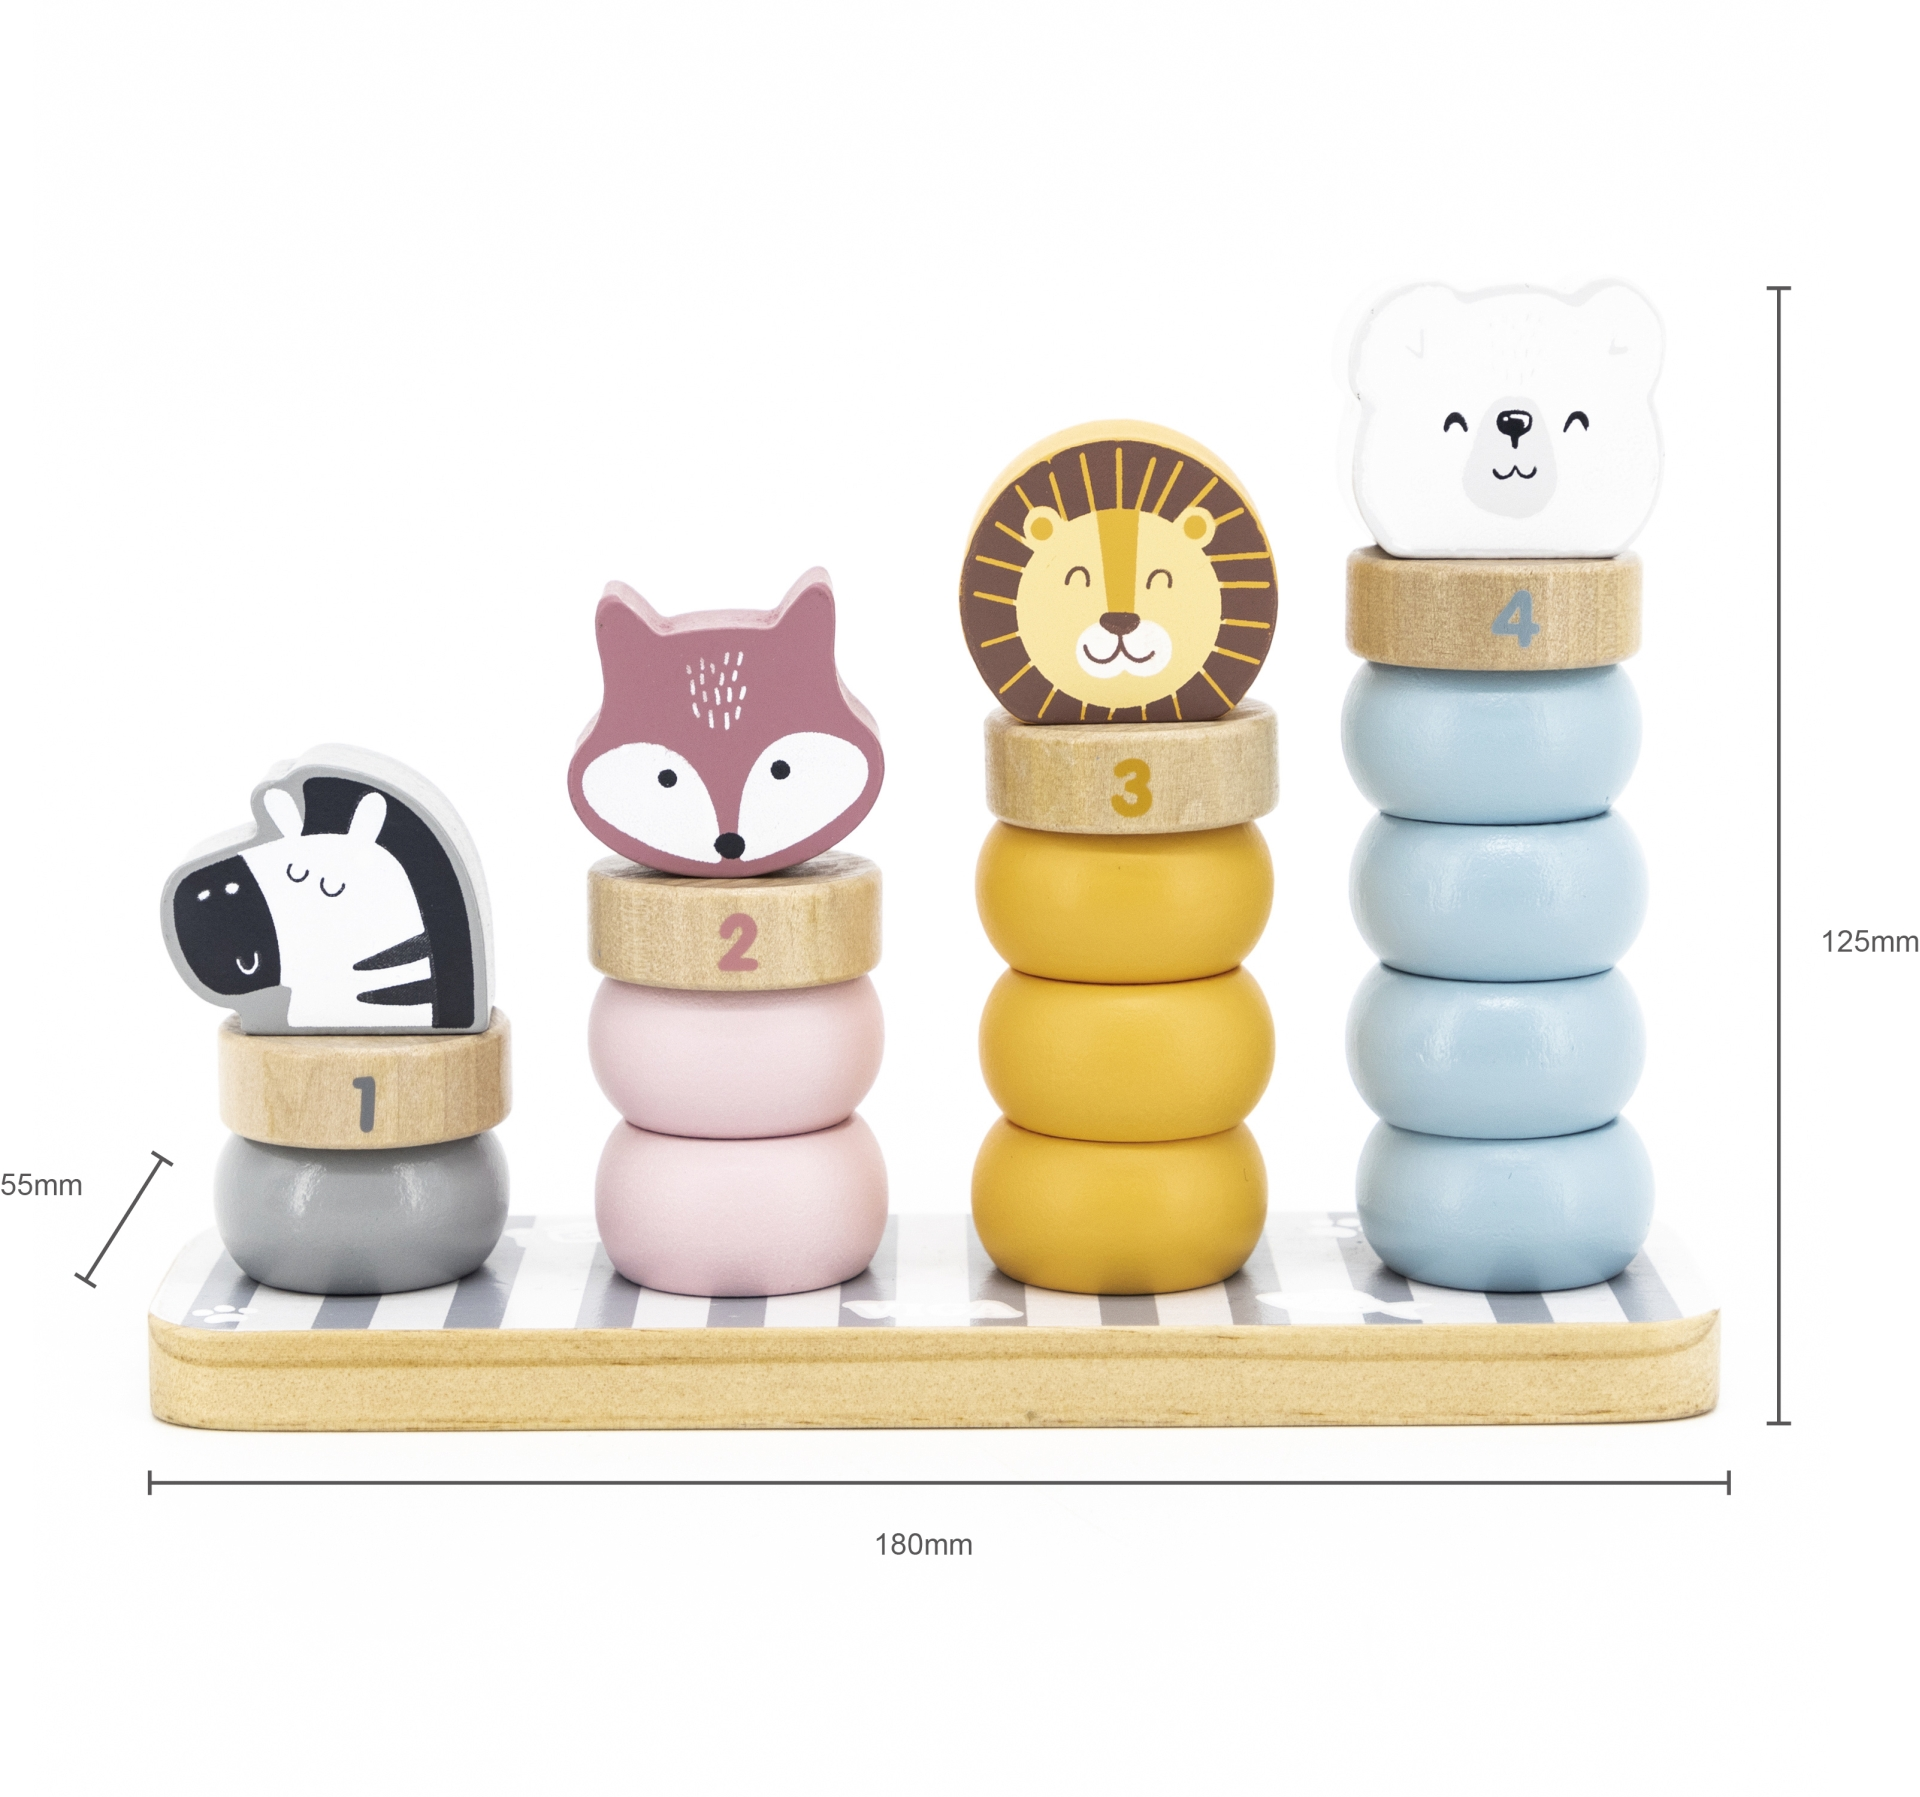 PolarB arendav mänguasi - loomatornid